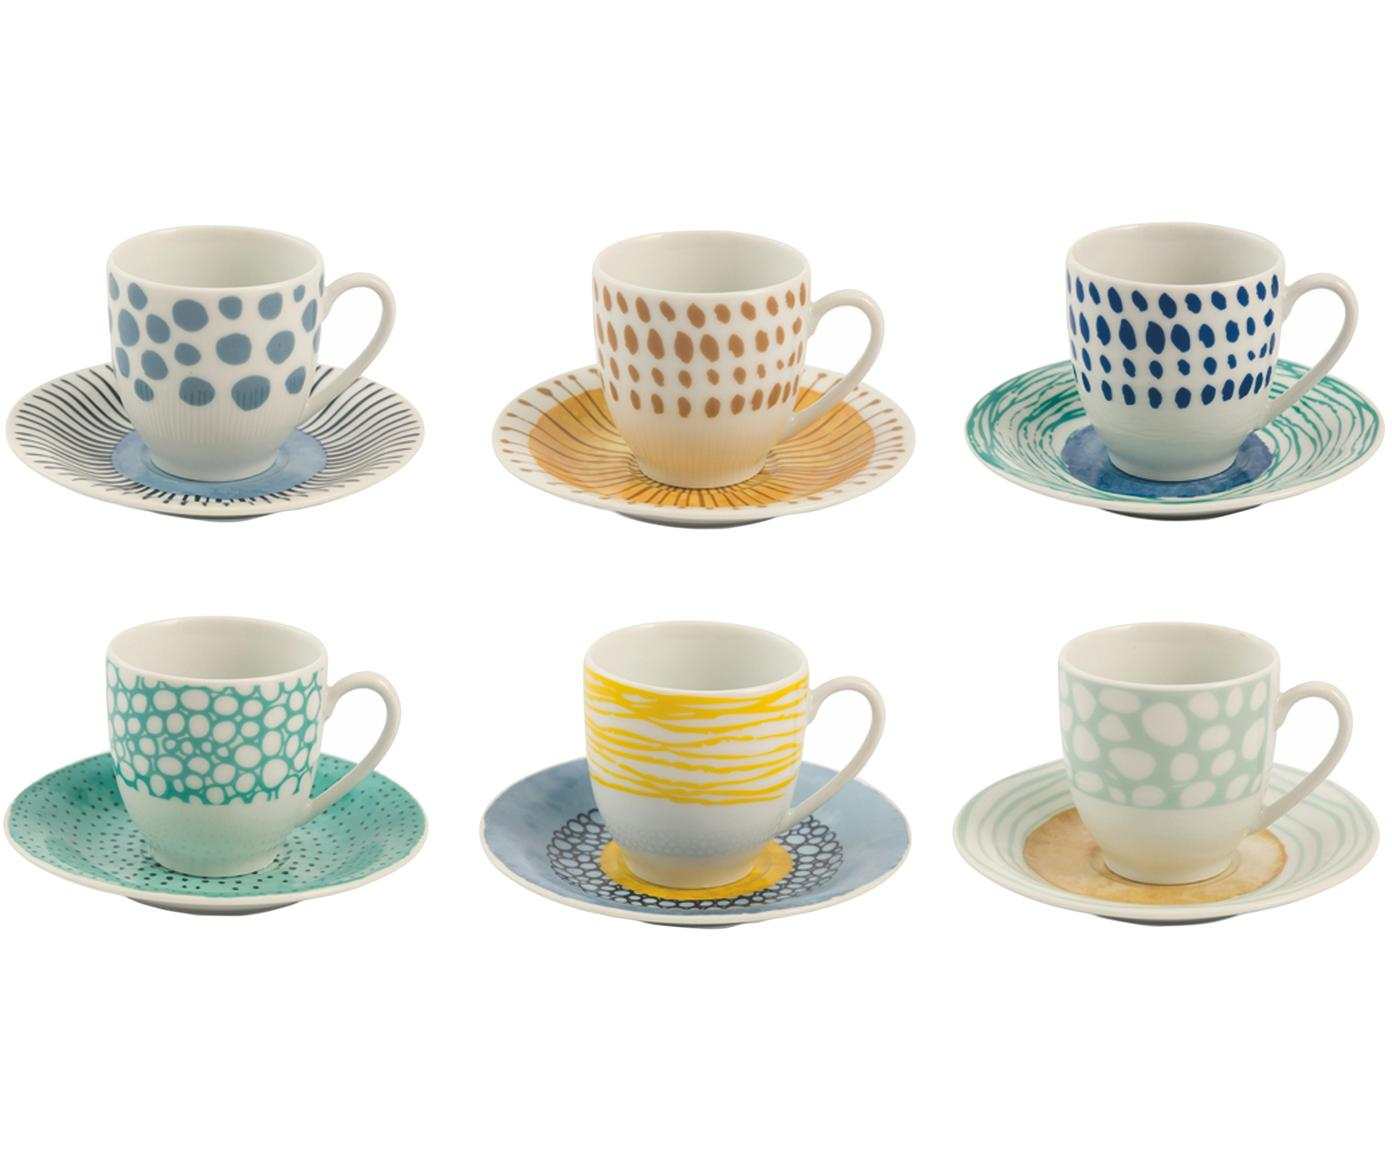 Espressotassen Marea mit bunten Designs, 12er-Set, Porzellan, Blau, Weiß, Gelb, Ø 6 x H 6 cm